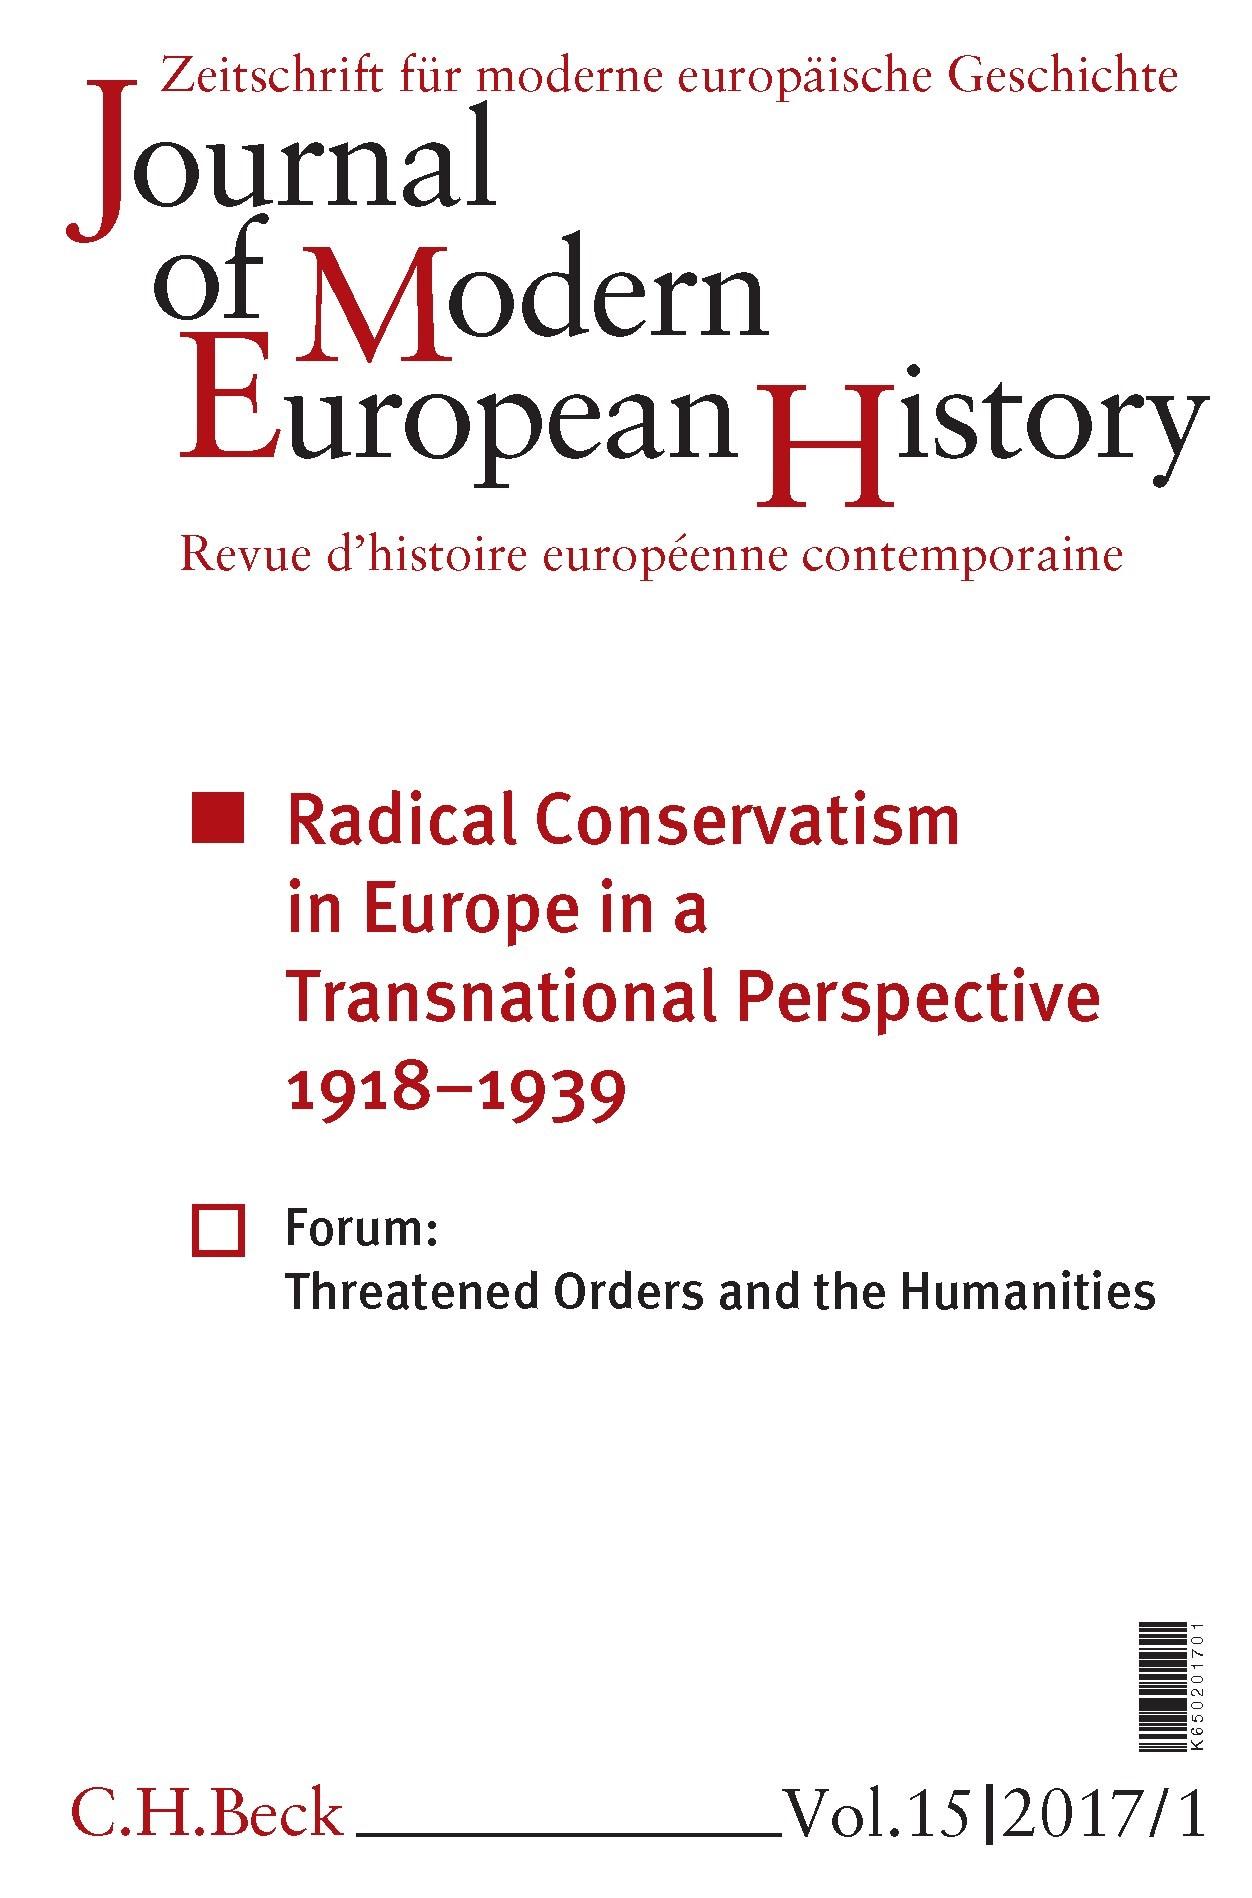 Cover des Buches 'Journal of Modern European History. Volume 15 (2017) Heft 1 = Zeitschrift für moderne europäische Geschichte = Revue d`histoire européenne contemporaine'